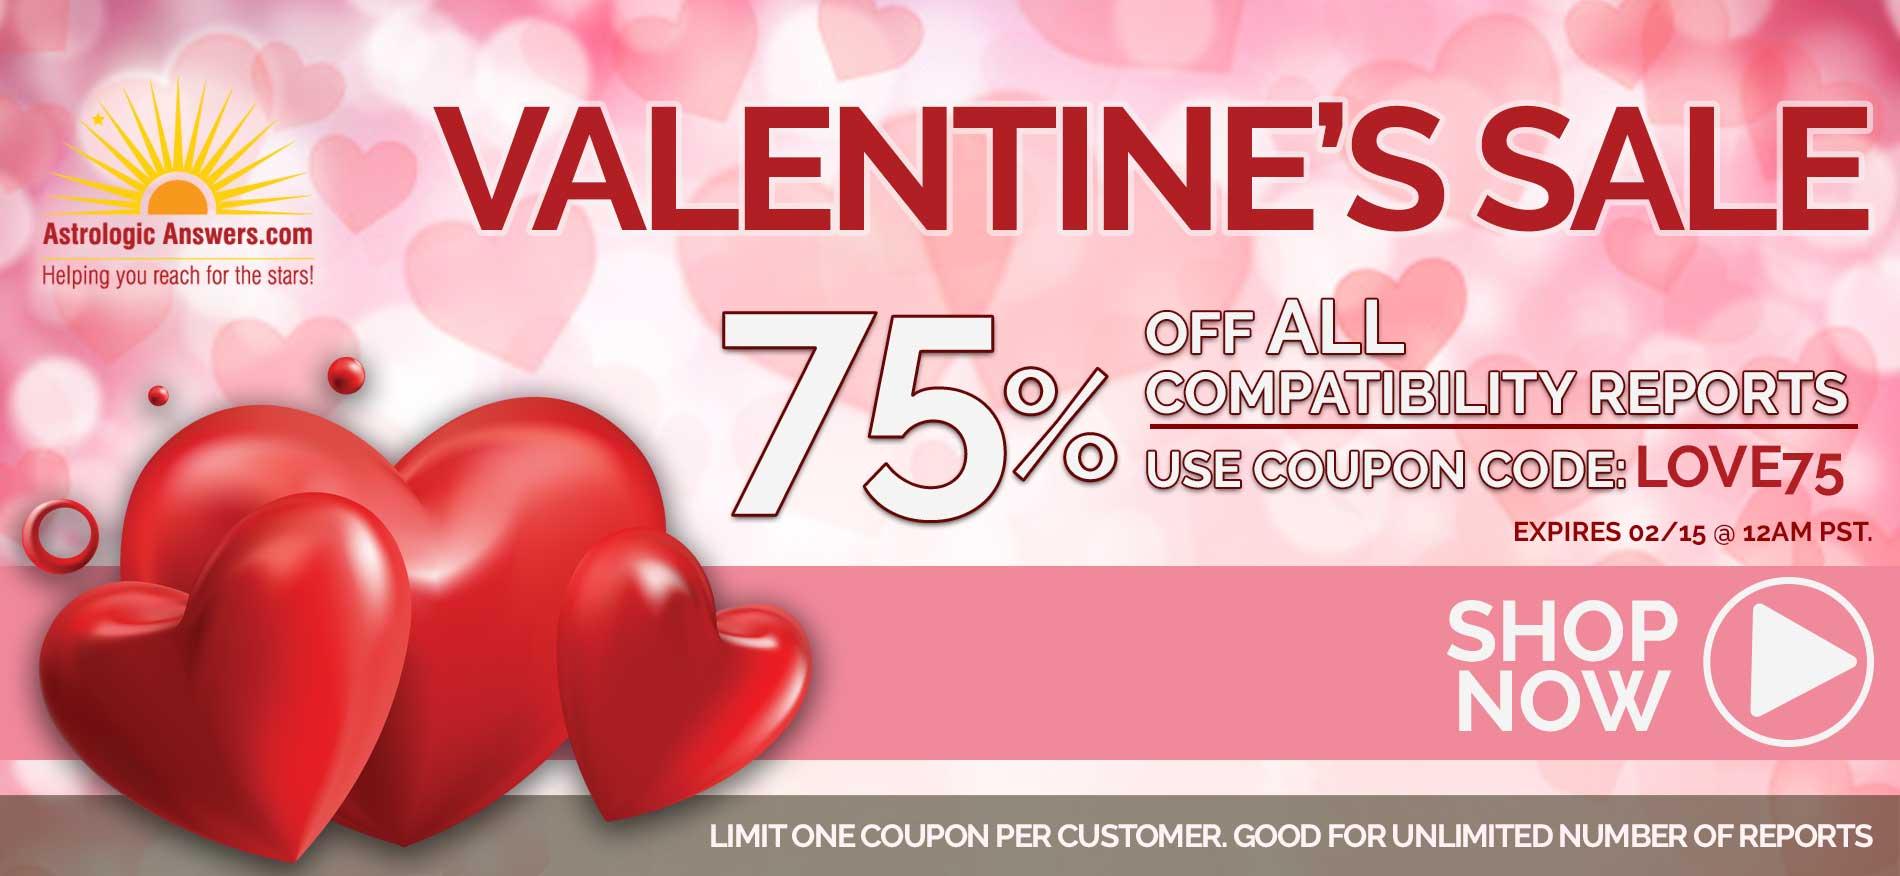 Valentine's Day Sale Image